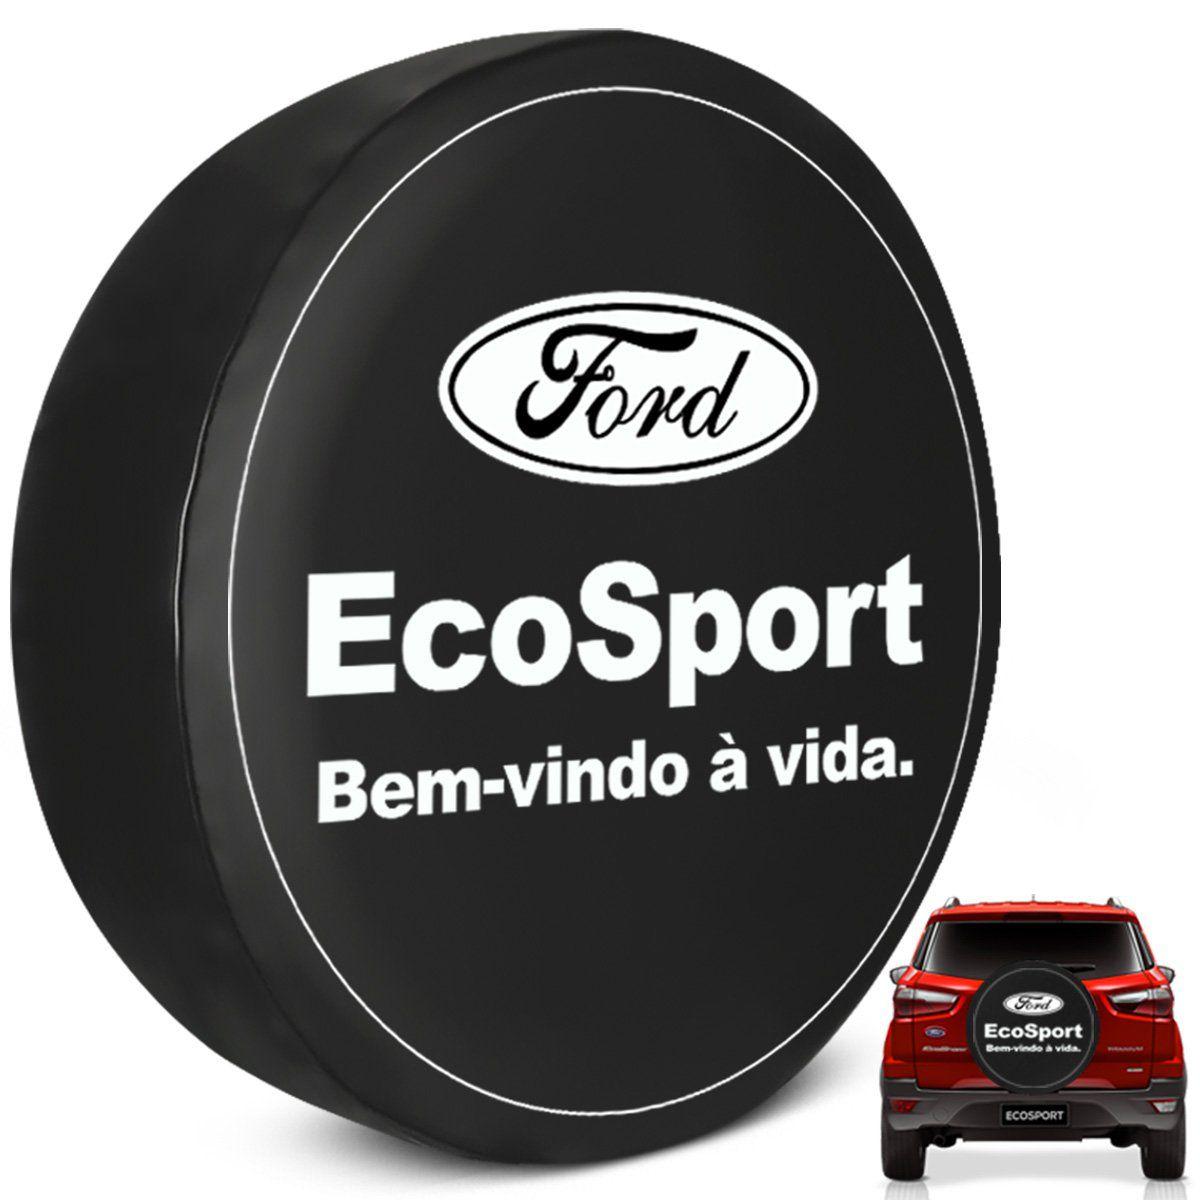 Capa de Estepe Ecosport 2003 a 2019 Bem-Vindo à Vida